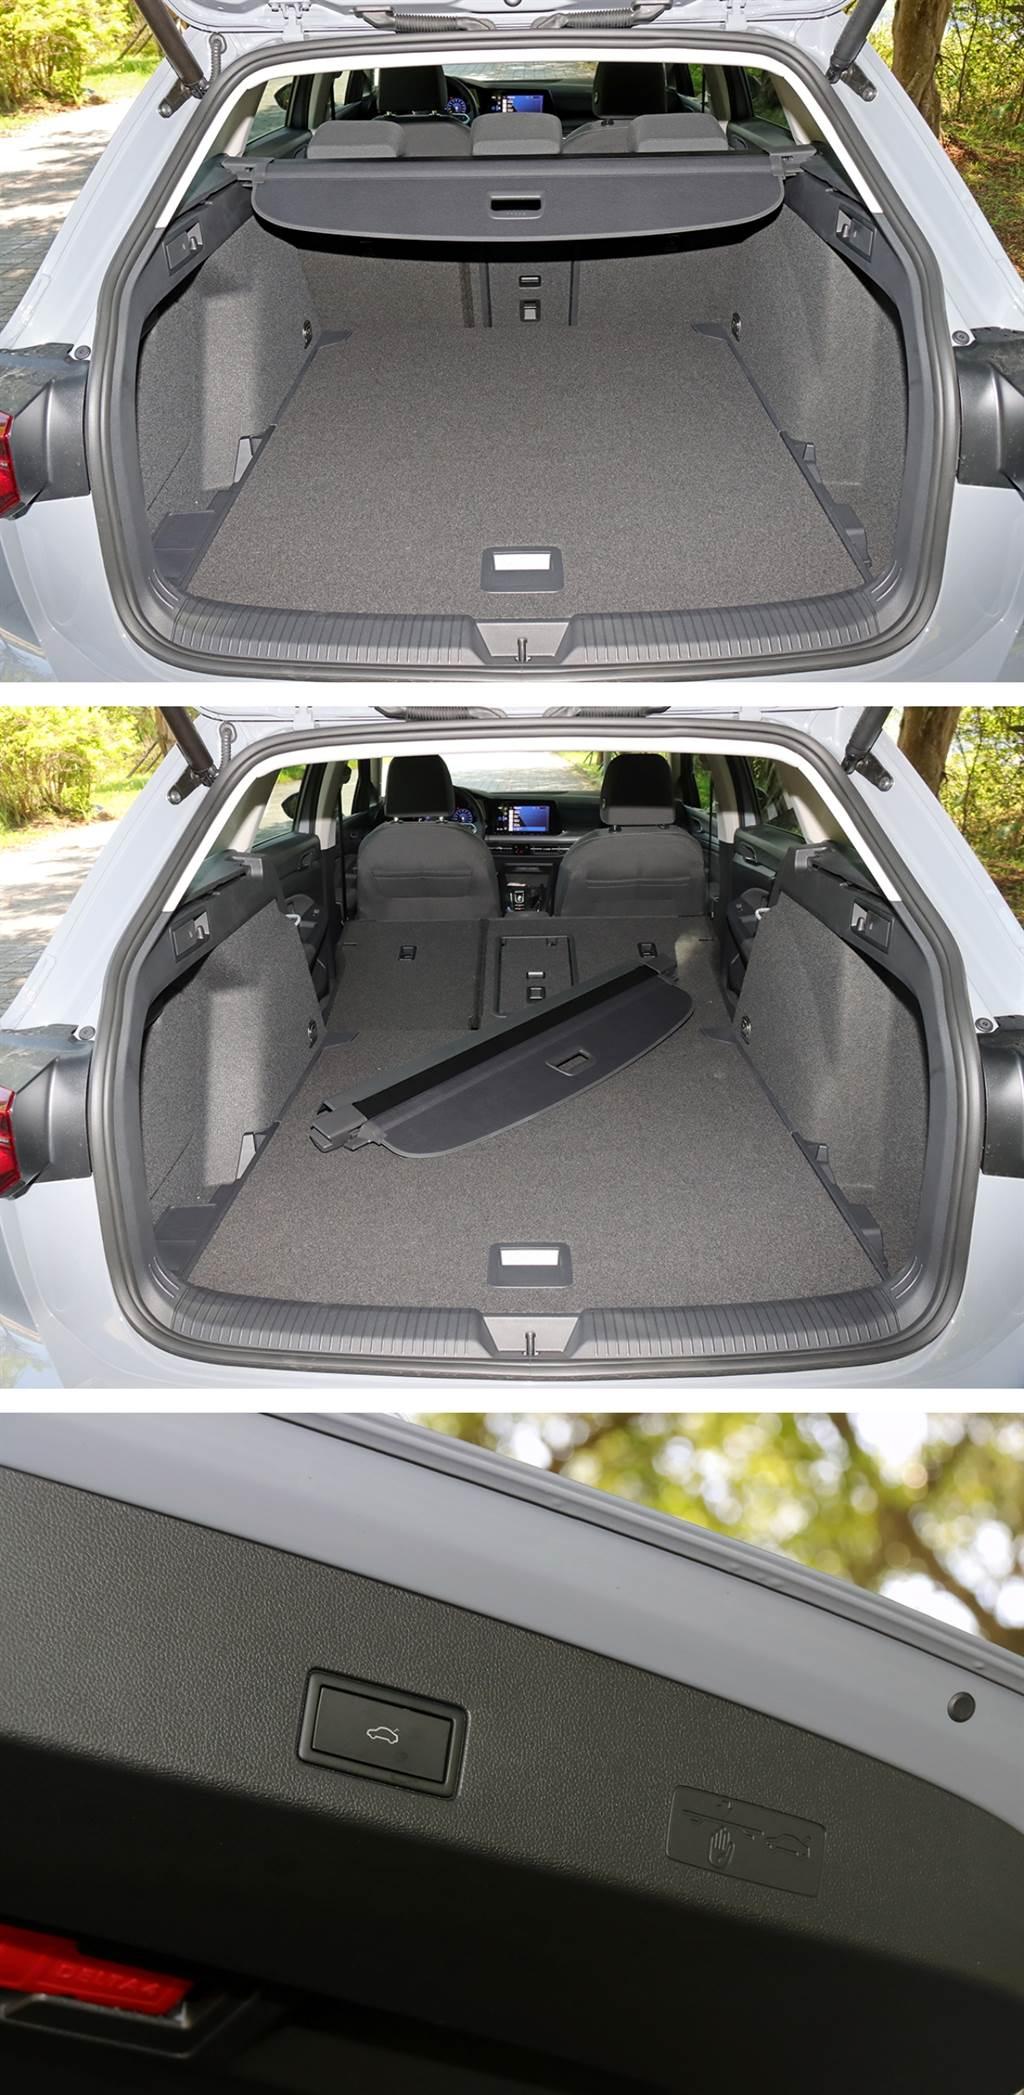 高品味國民旅行車 VW Golf 8 Variant試駕(圖/CarStuff)